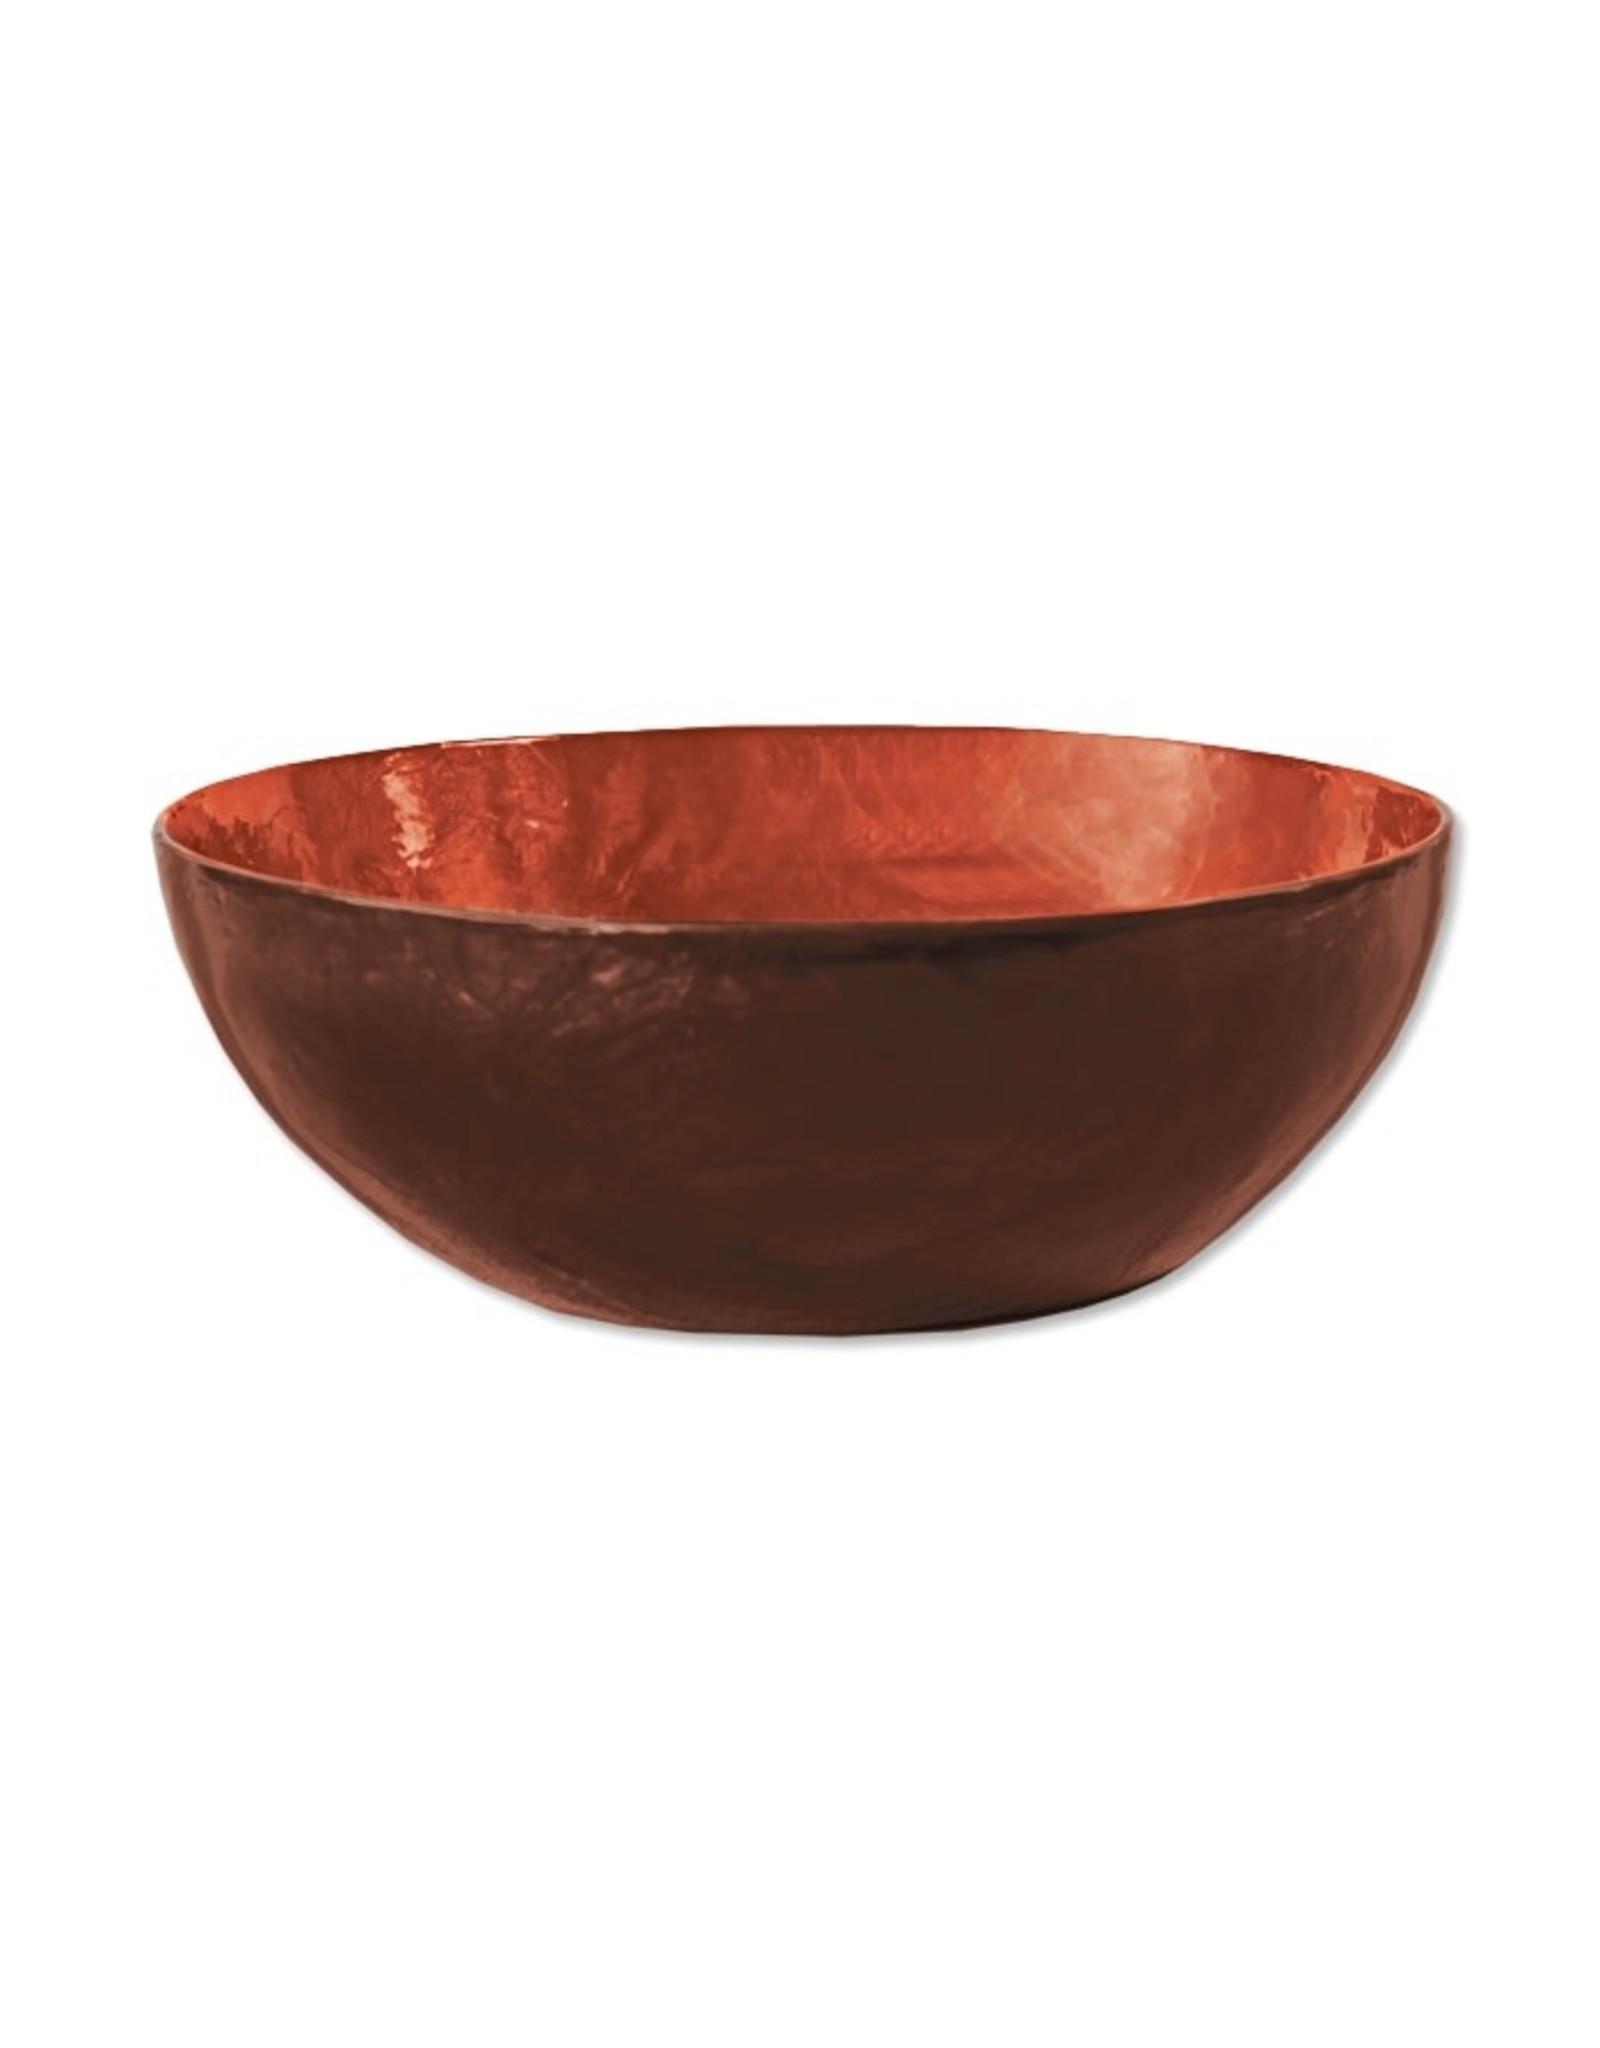 Fair Trade Winds Sunset Capiz Shell Bowl